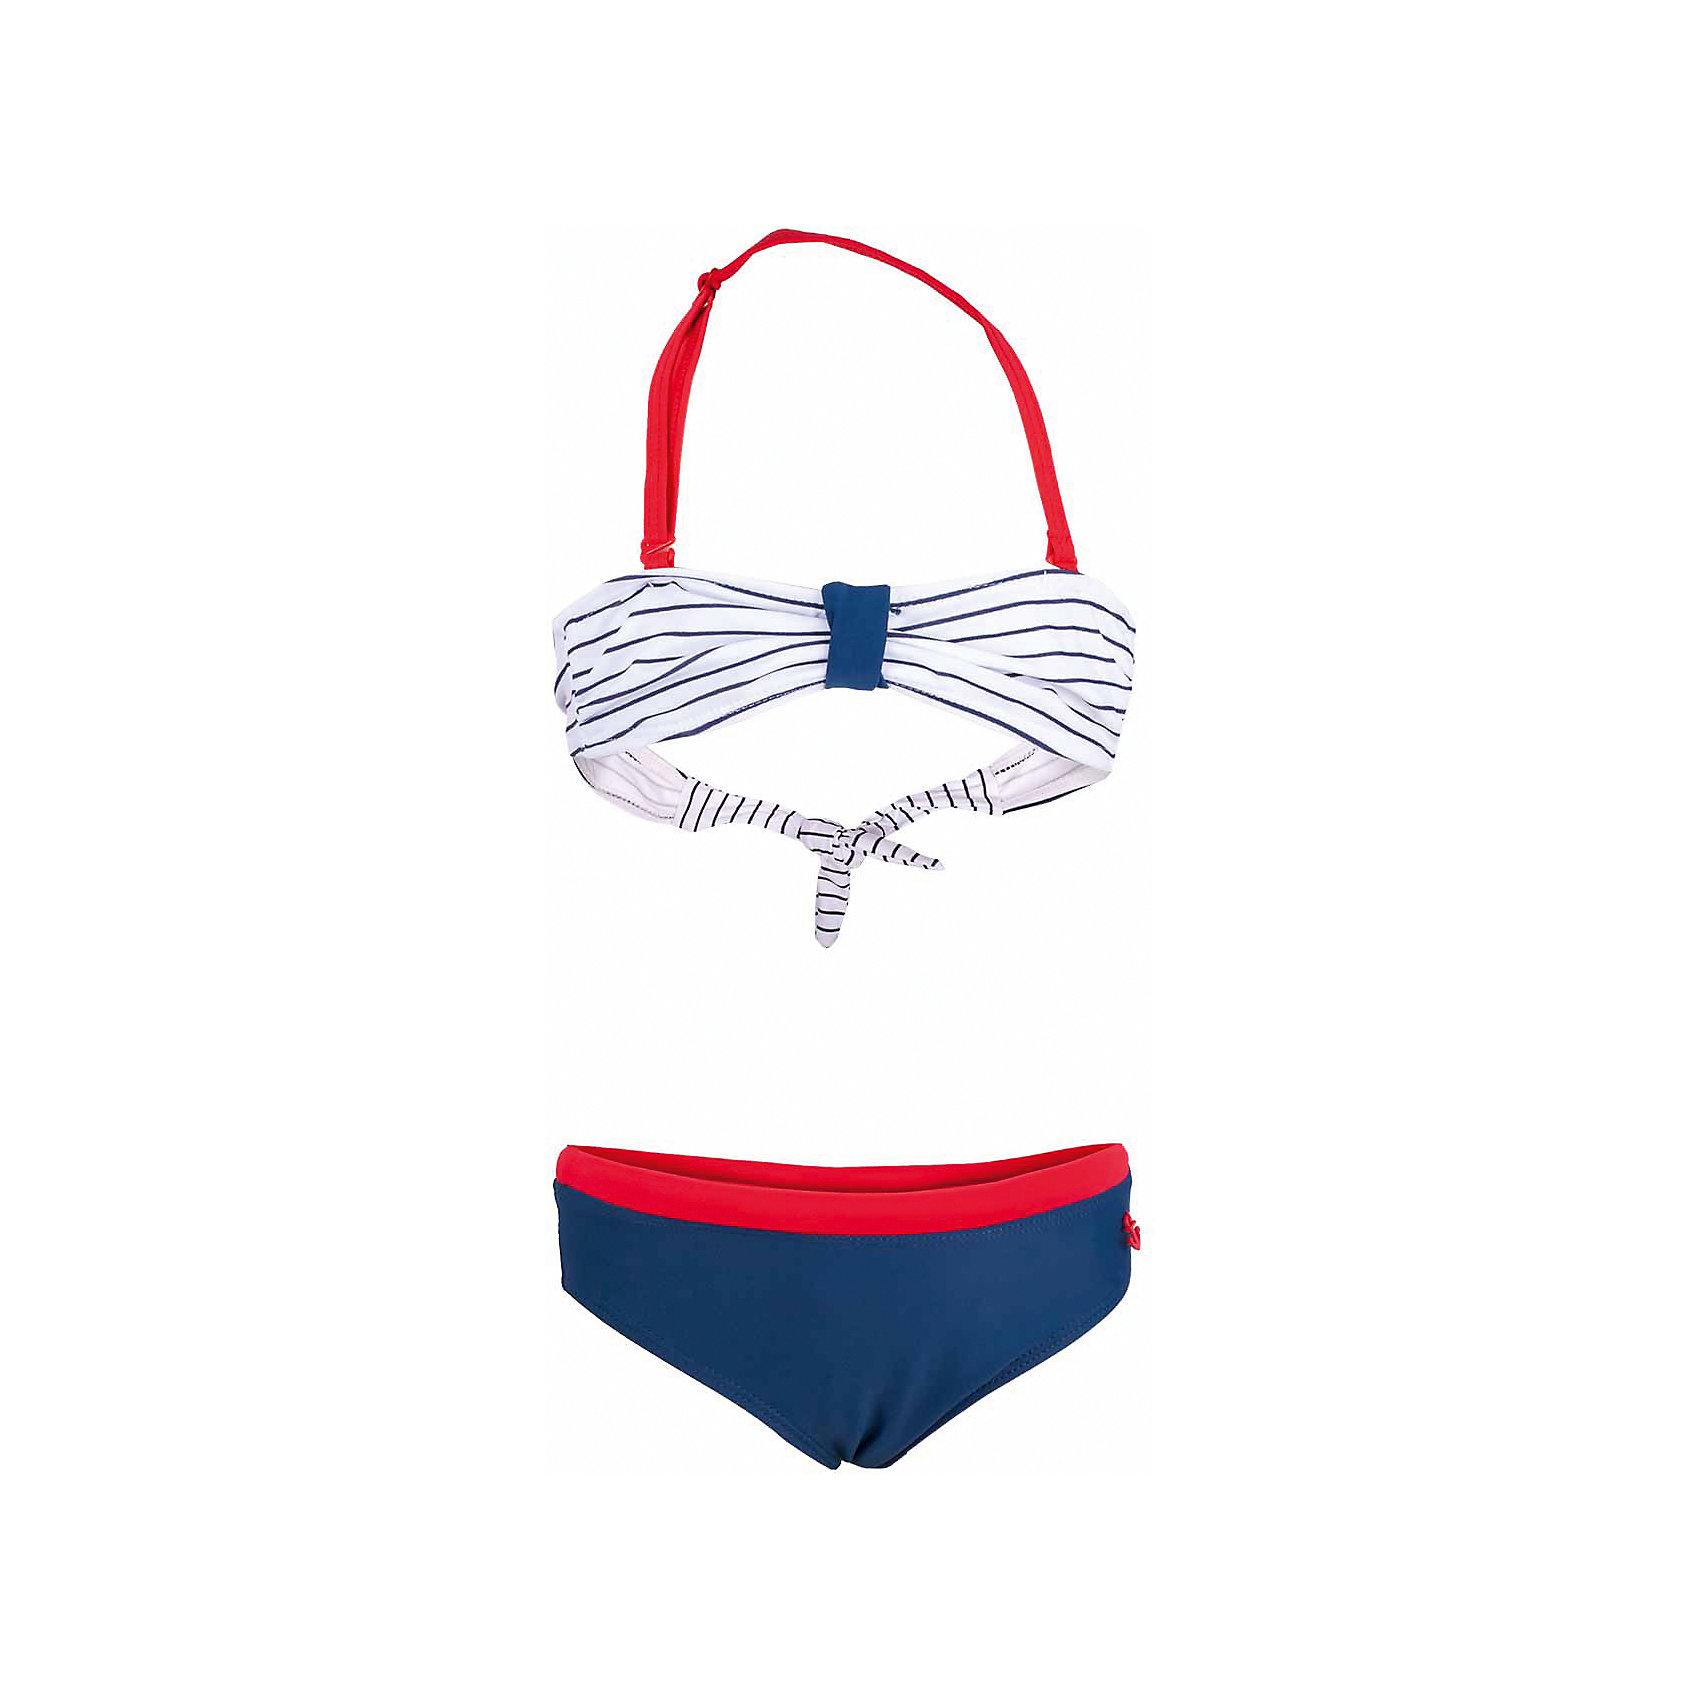 Купальник для девочки  BUTTON BLUEКупальник для девочки  BUTTON BLUE<br>Яркий купальник с оригинальным рисунком - лучший вариант для отдыха у воды. Купить раздельный купальник, значит, подарить девочке отличное настроение на весь пляжный сезон.<br>Состав:<br>83% полиамид 17% эластан; подклад: 100%  полиэстер<br><br>Ширина мм: 183<br>Глубина мм: 60<br>Высота мм: 135<br>Вес г: 119<br>Цвет: разноцветный<br>Возраст от месяцев: 84<br>Возраст до месяцев: 96<br>Пол: Женский<br>Возраст: Детский<br>Размер: 128,98,104,116<br>SKU: 5523744